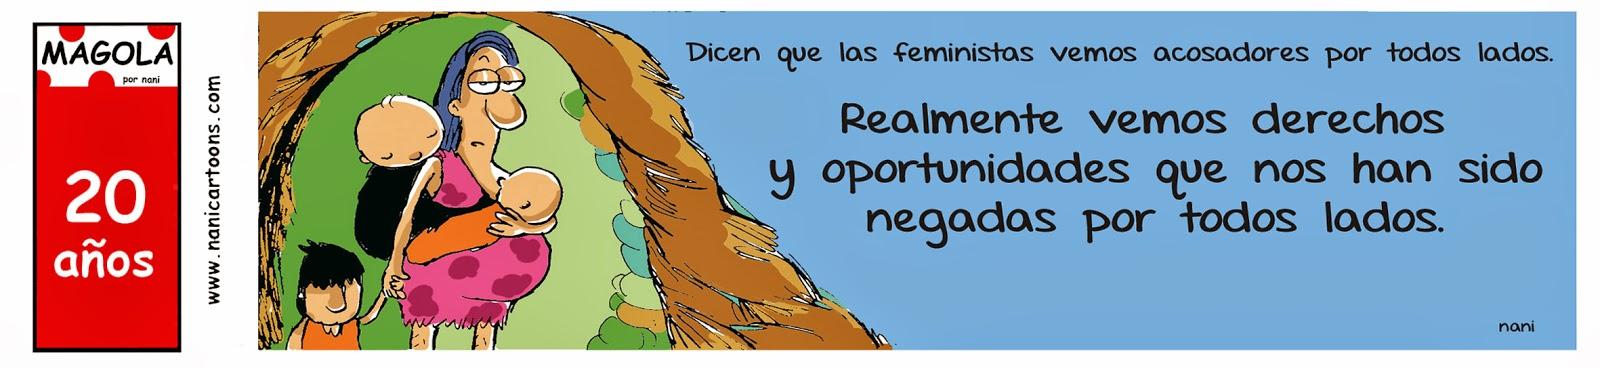 Humor feminista